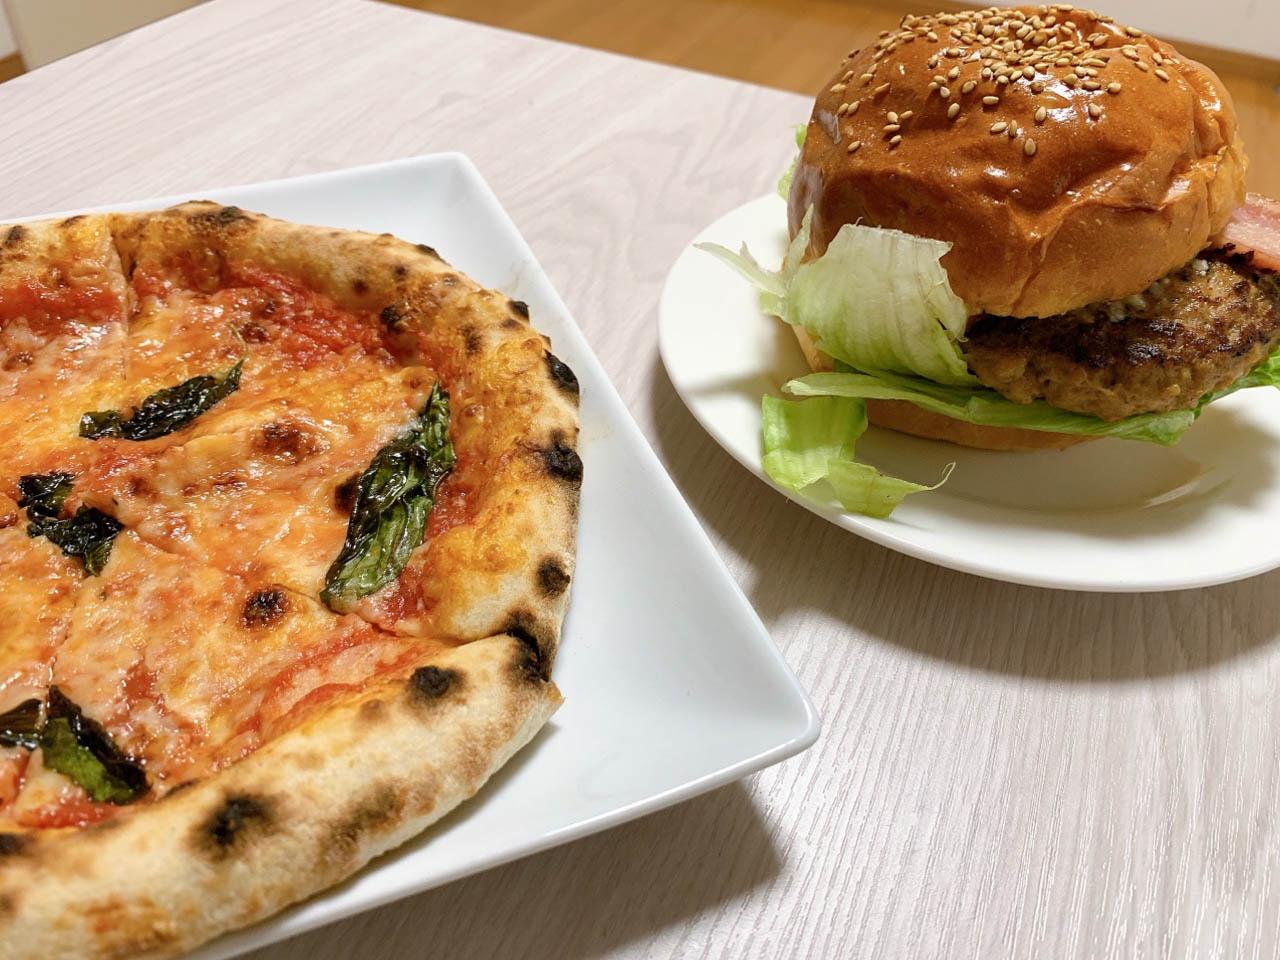 石窯ピッツァとパン工房「フォルナイオ」のピザとハンバーガーを食べてみた